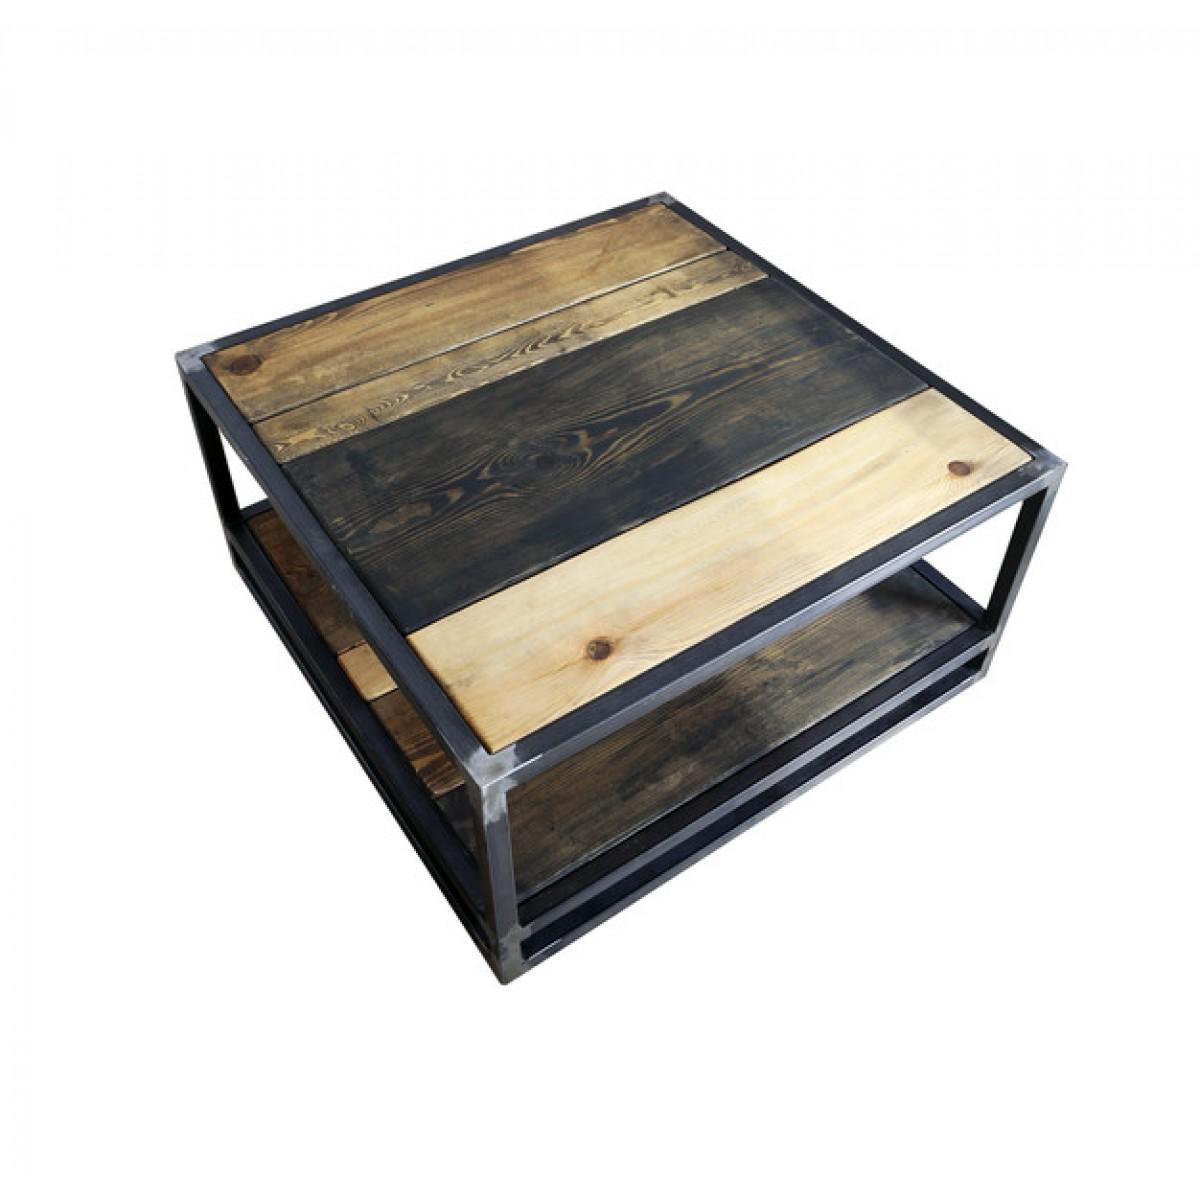 FraaiBerlin – Couchtisch aus Bauholz und Eisen Jeroen